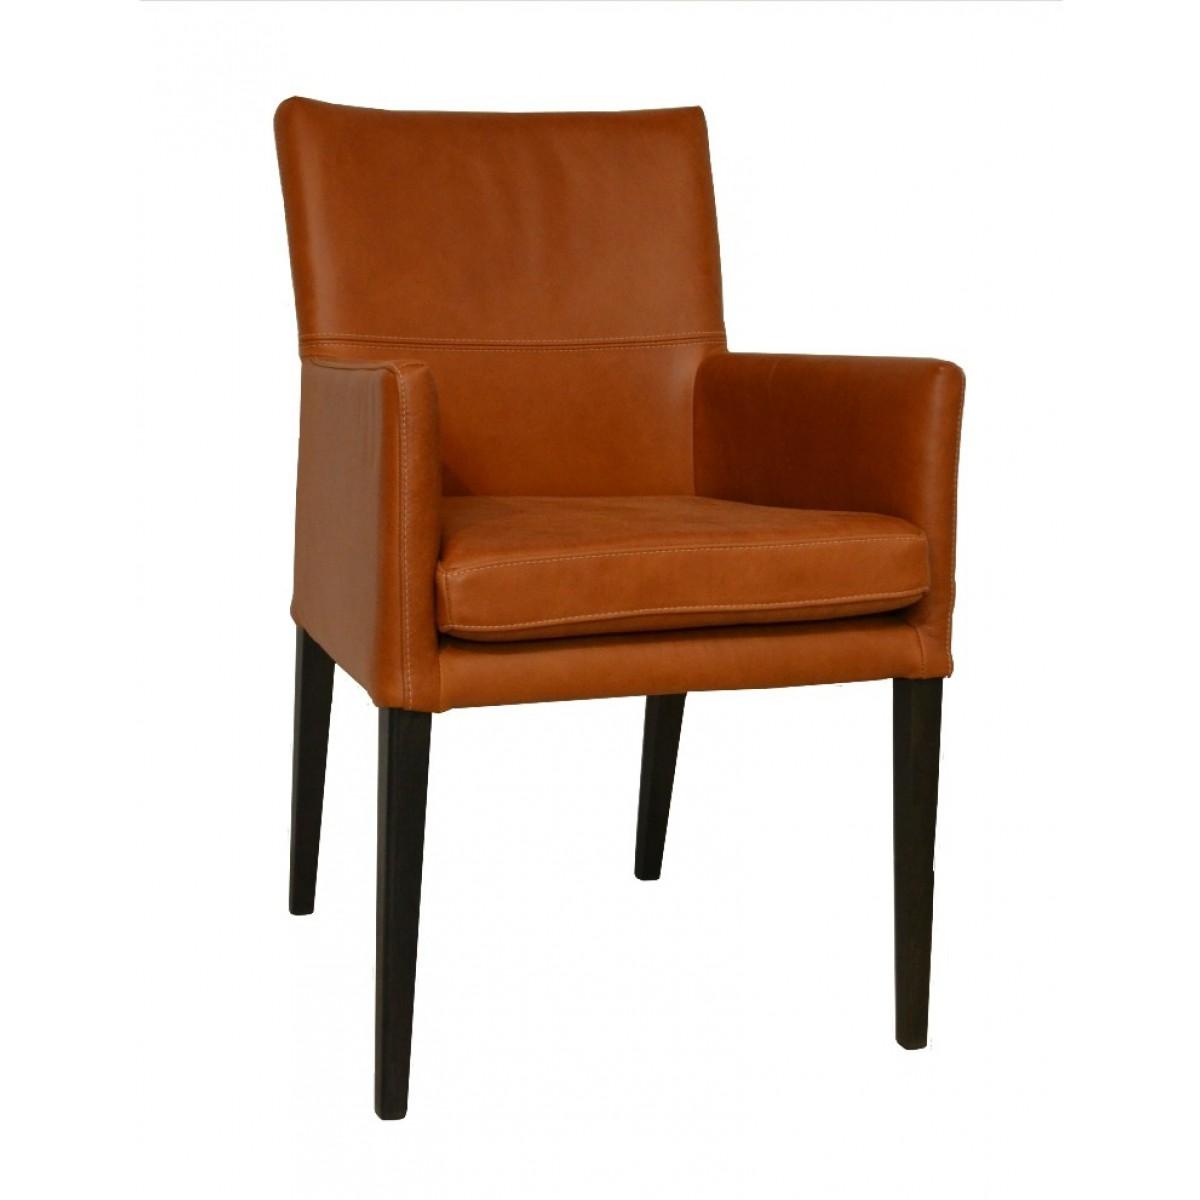 caprice_armstoel_he_design_houten_poot_zwart_rancho_leder_leer_cognac